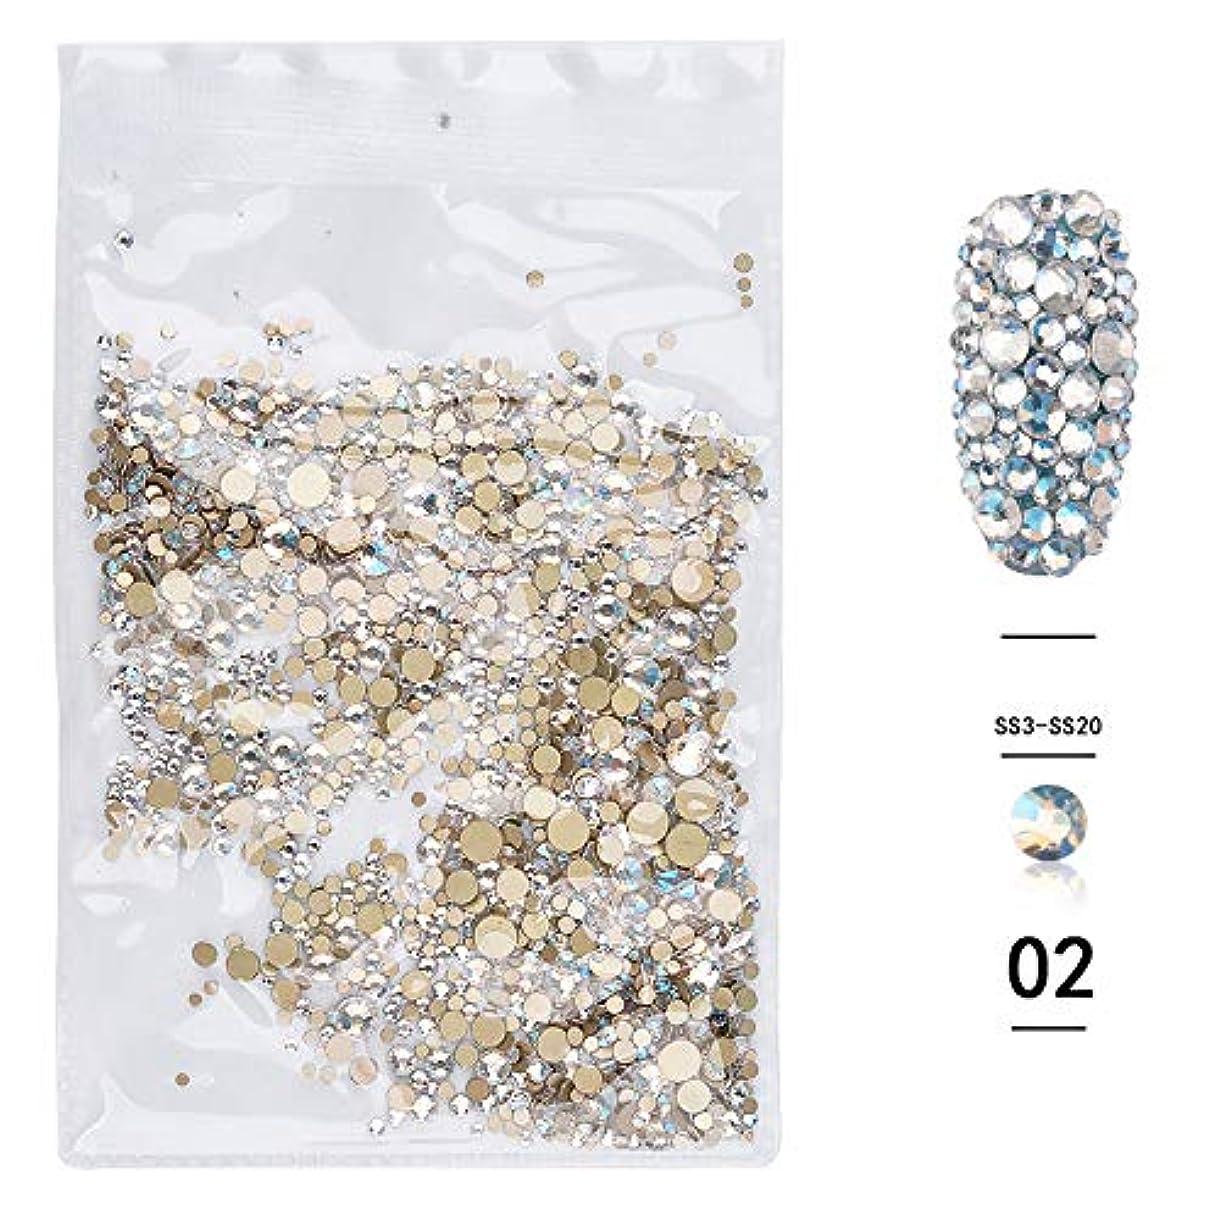 芝生懐疑的汚い(1440pcsのパック)ネイルアートラインストーン3DデコレーションフラットボトムダイヤモンドシャイニーABクリスタル混合サイズDIYアクセサリー